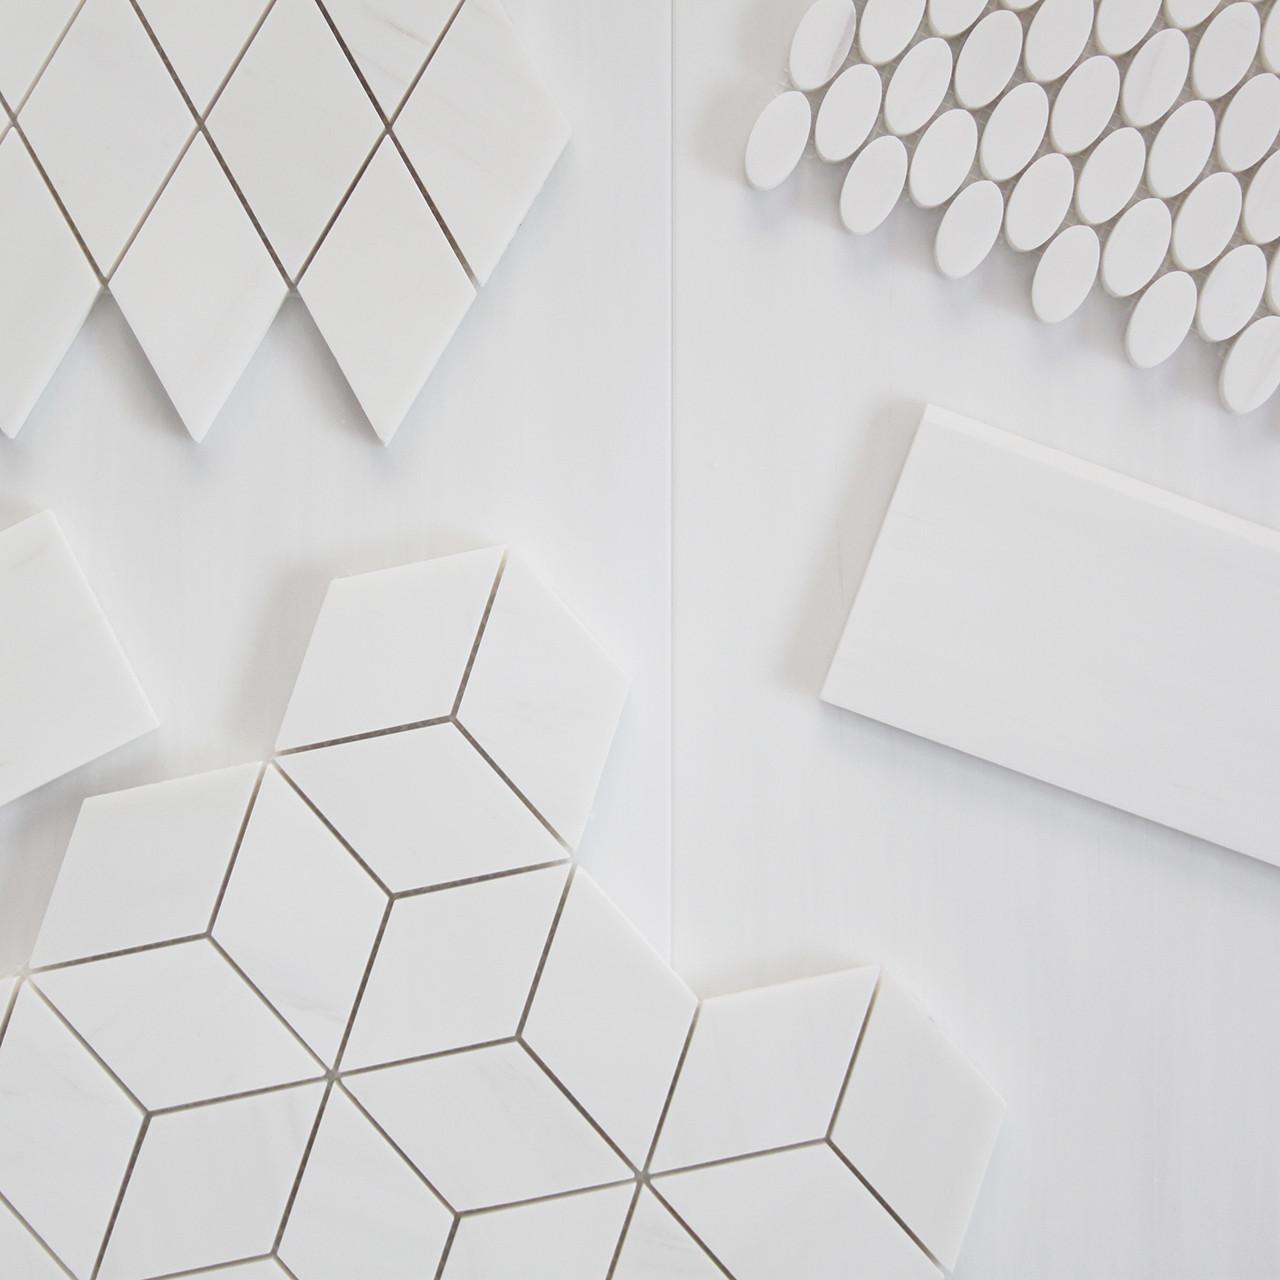 rhombus 3d cube diamond mosaic tile honed